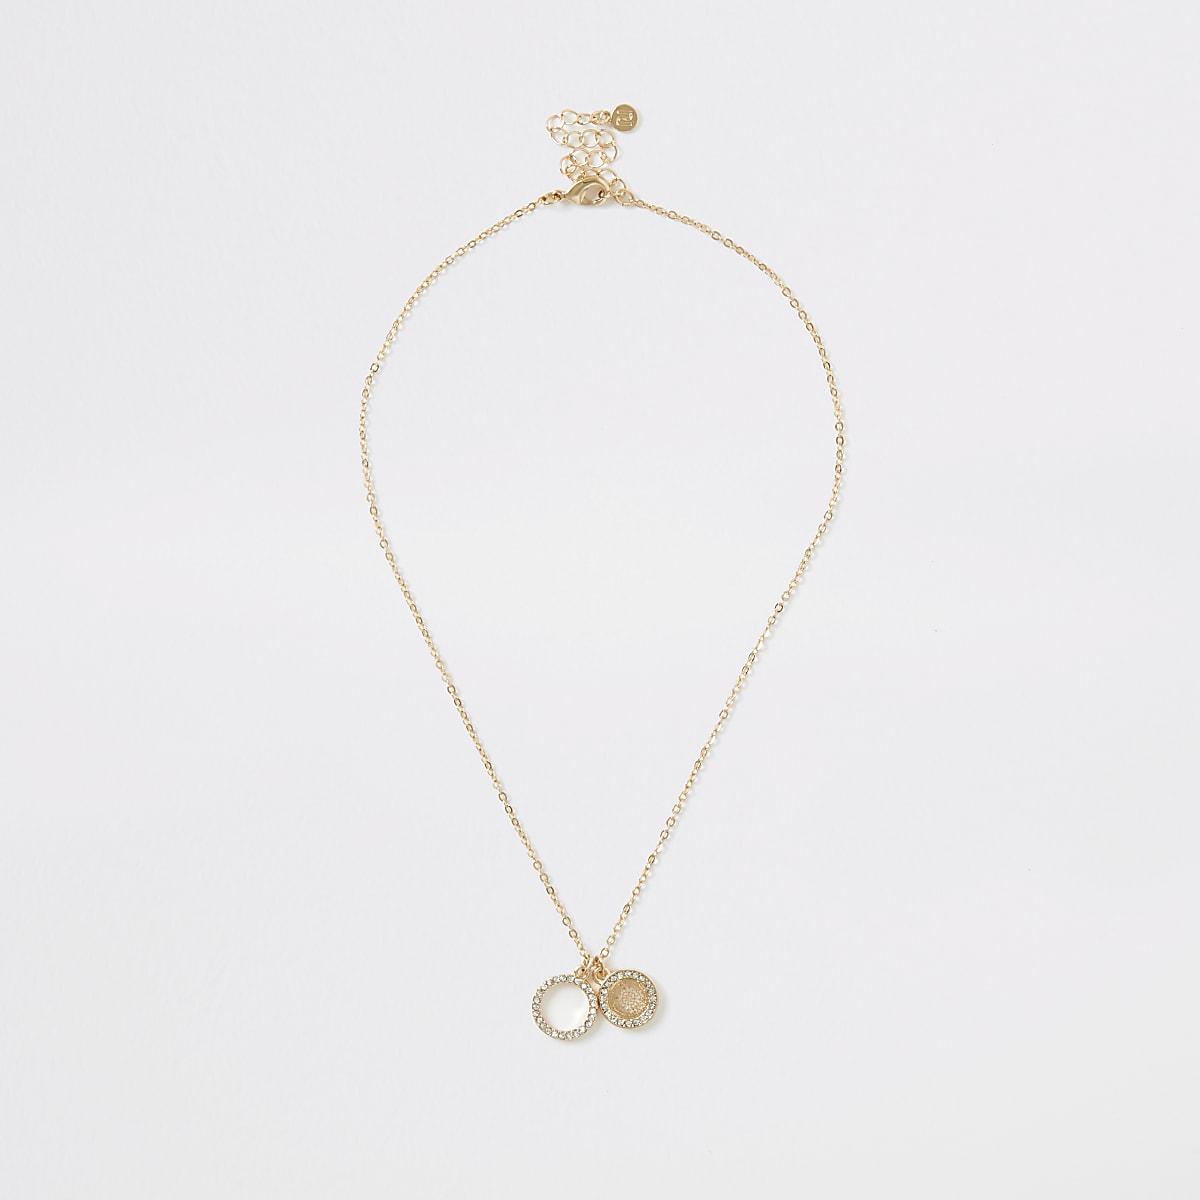 Gold colour diamante pave pendant necklace